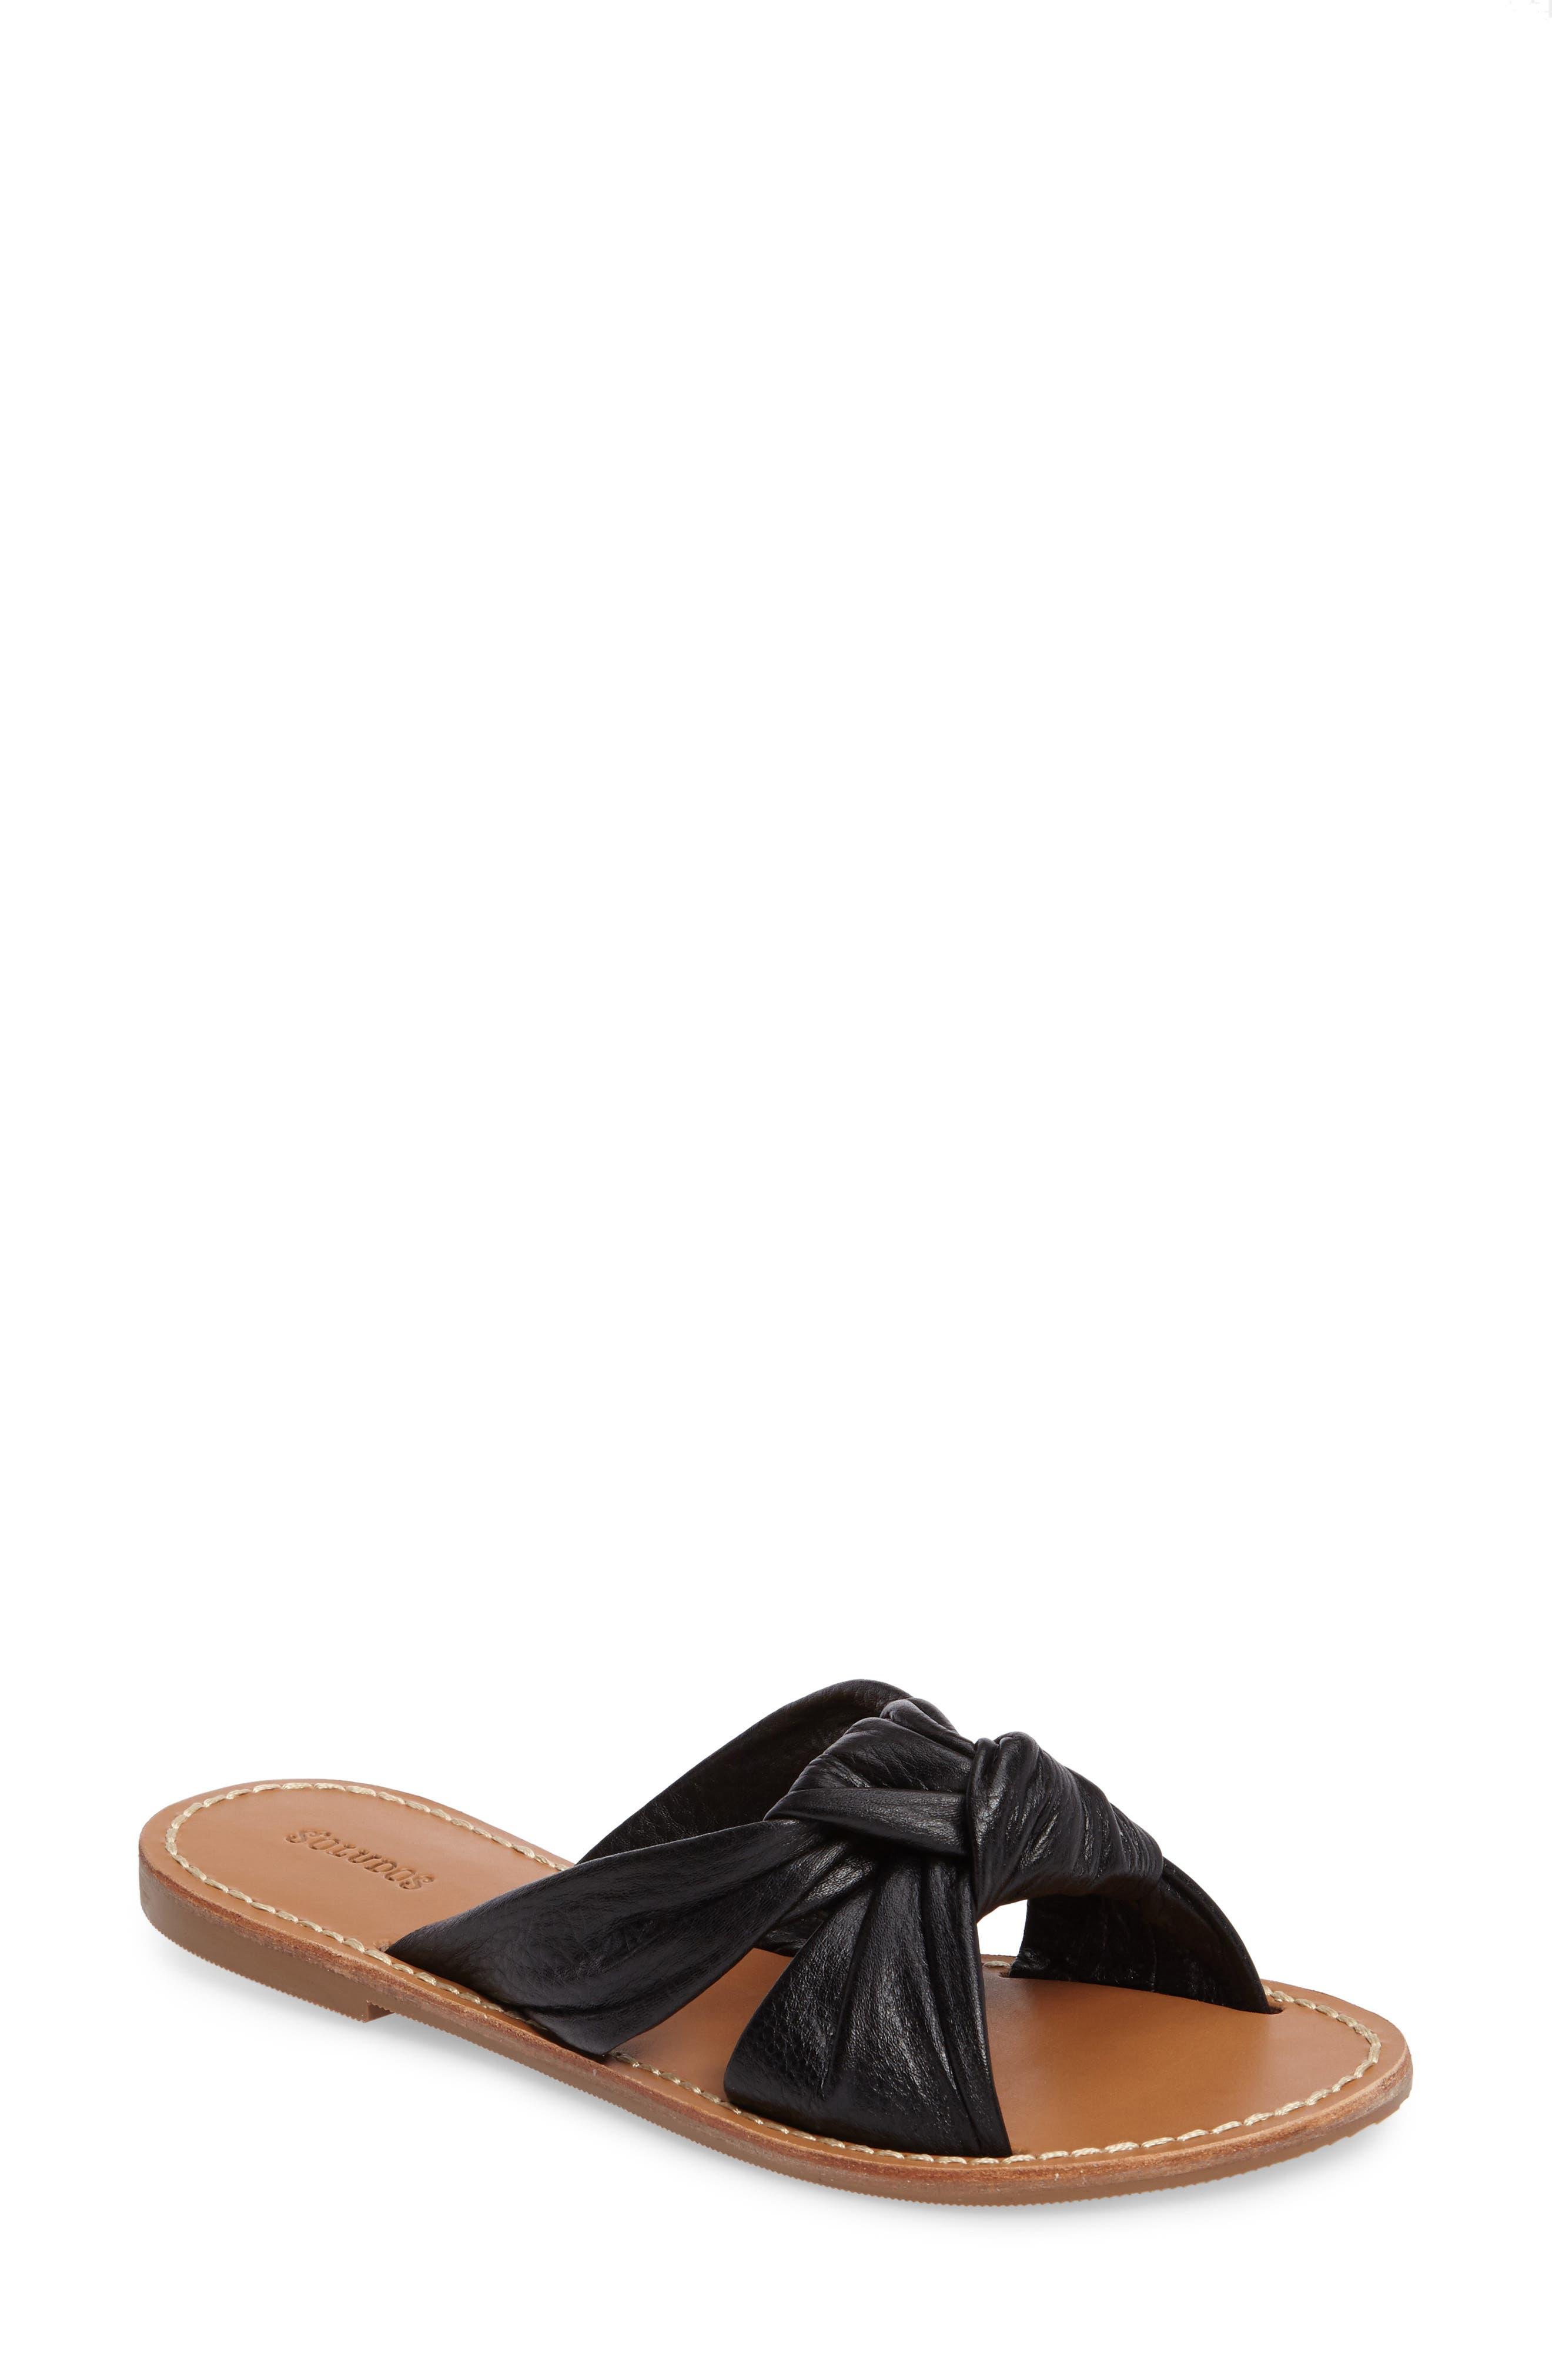 Knotted Slide Sandal,                         Main,                         color, 001